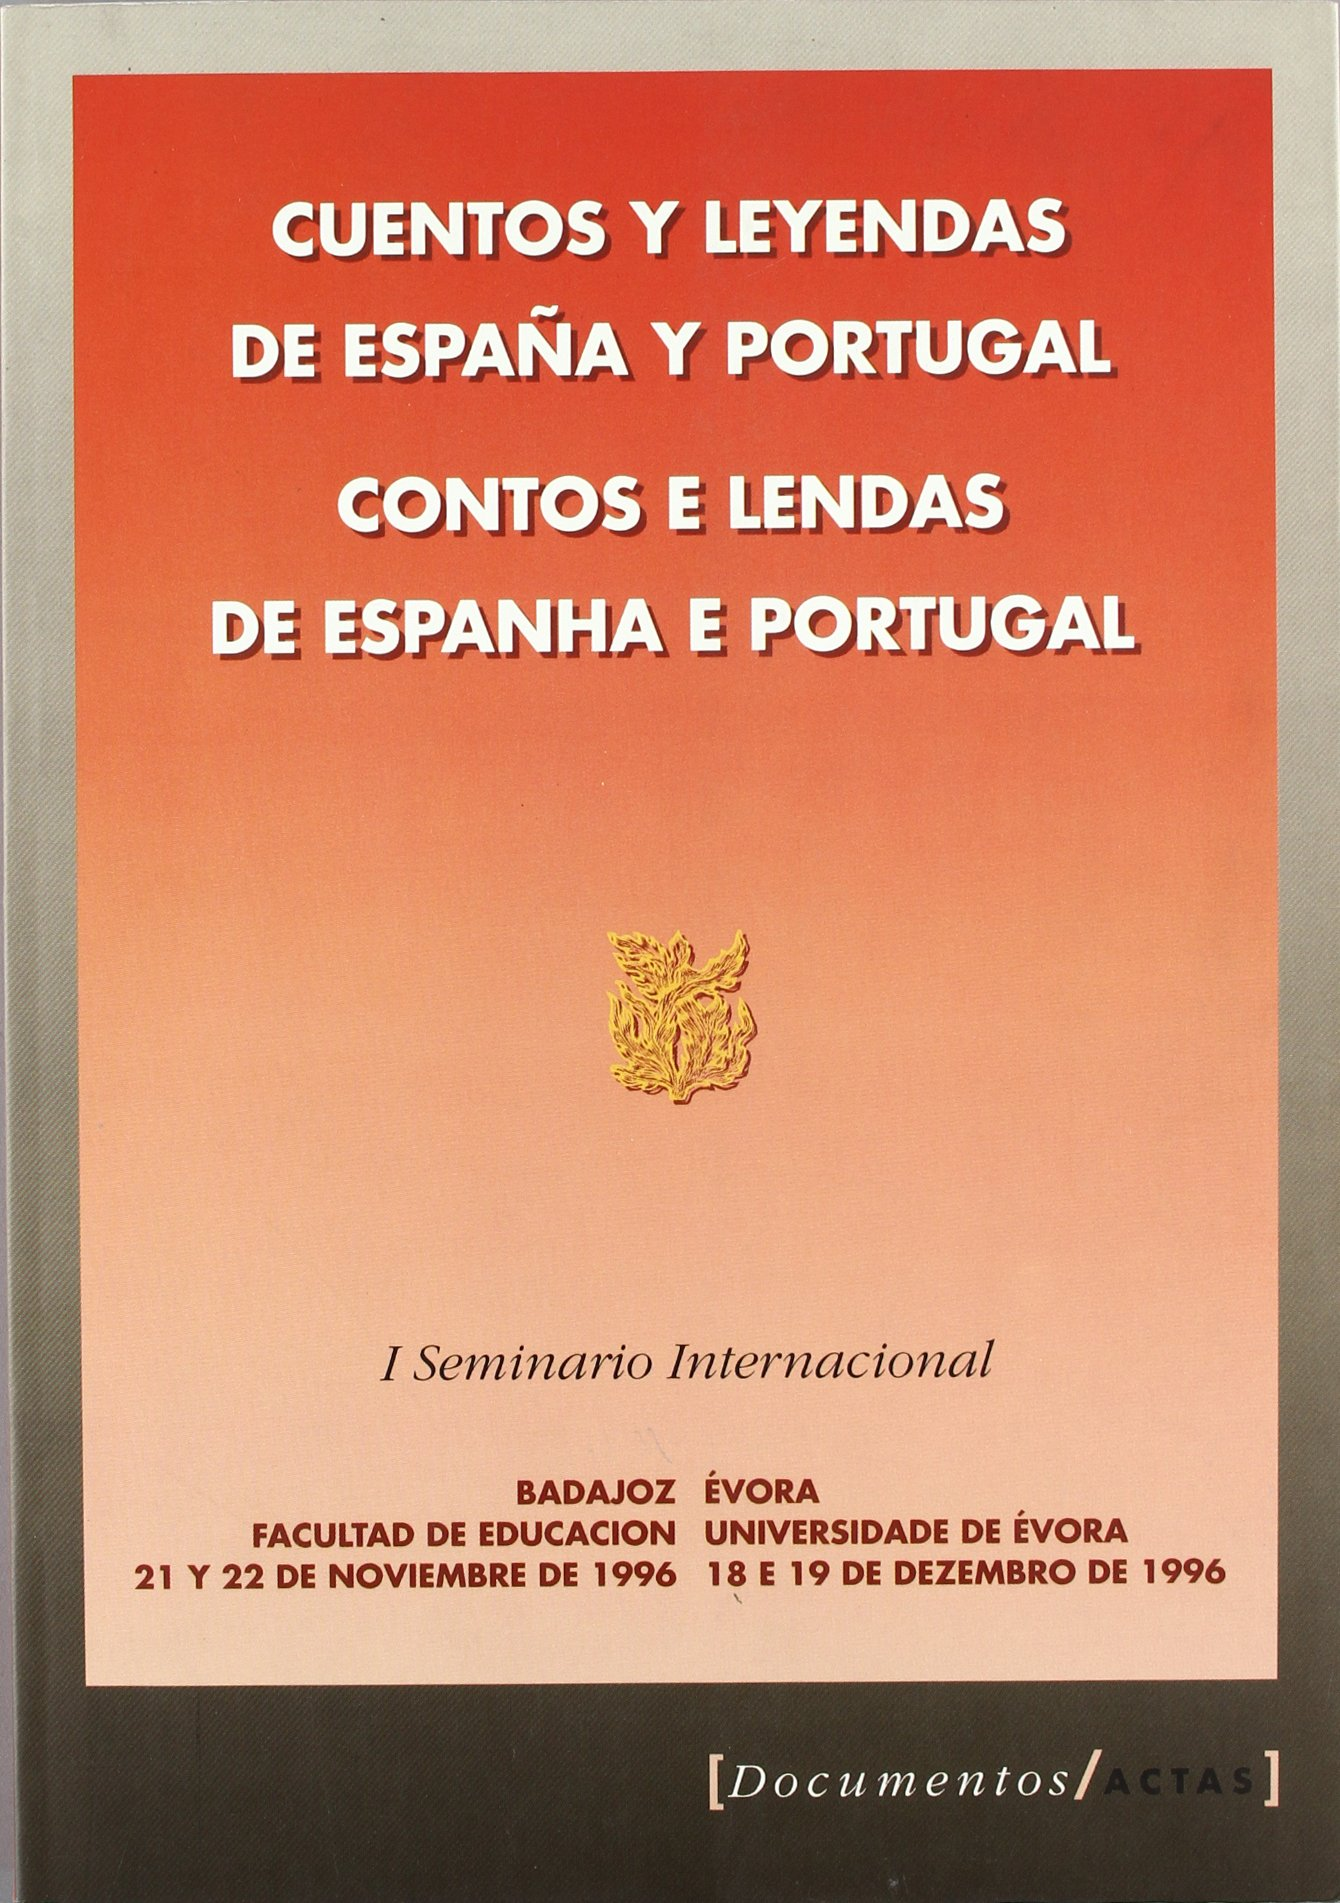 Cuentos Y Leyendas España Y (Documentos/actas): Amazon.es: Barcia Mendo, Enrique: Libros